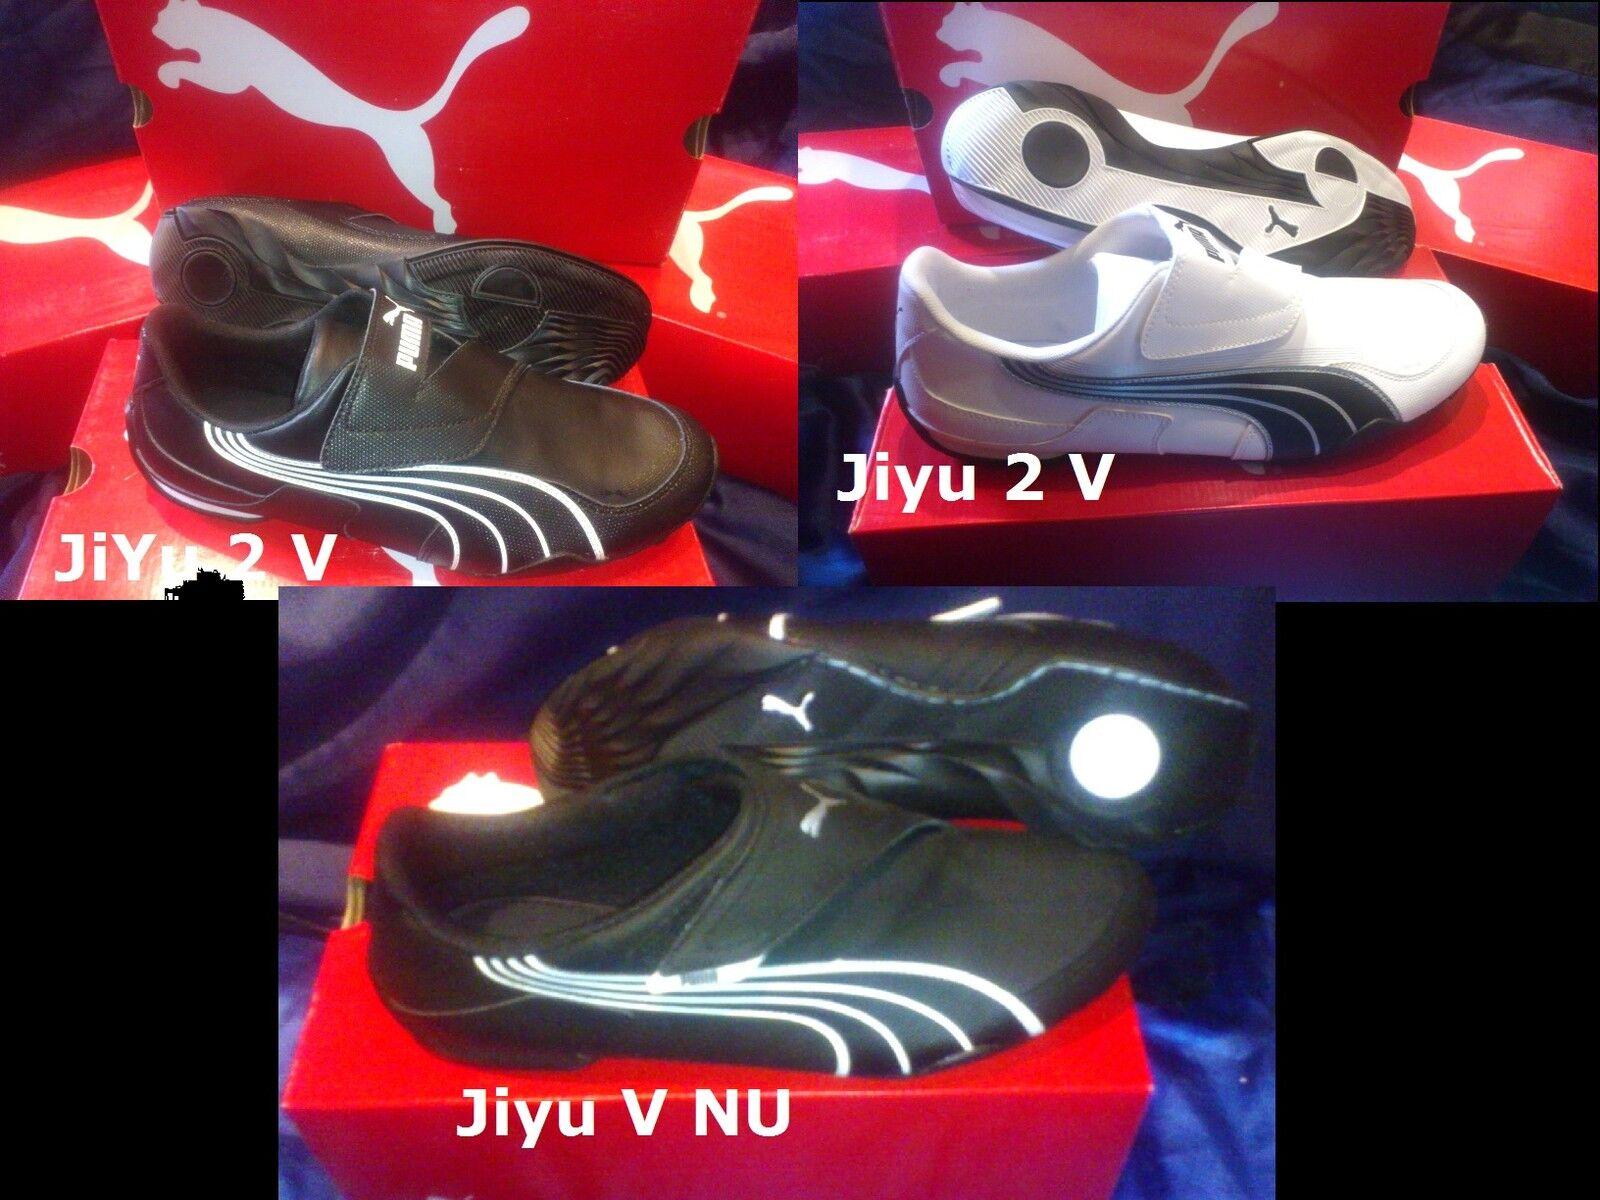 Puma Jiyu 2 V Sportschuhe, Sneaker, nicht nur für den Motorsport - NEU